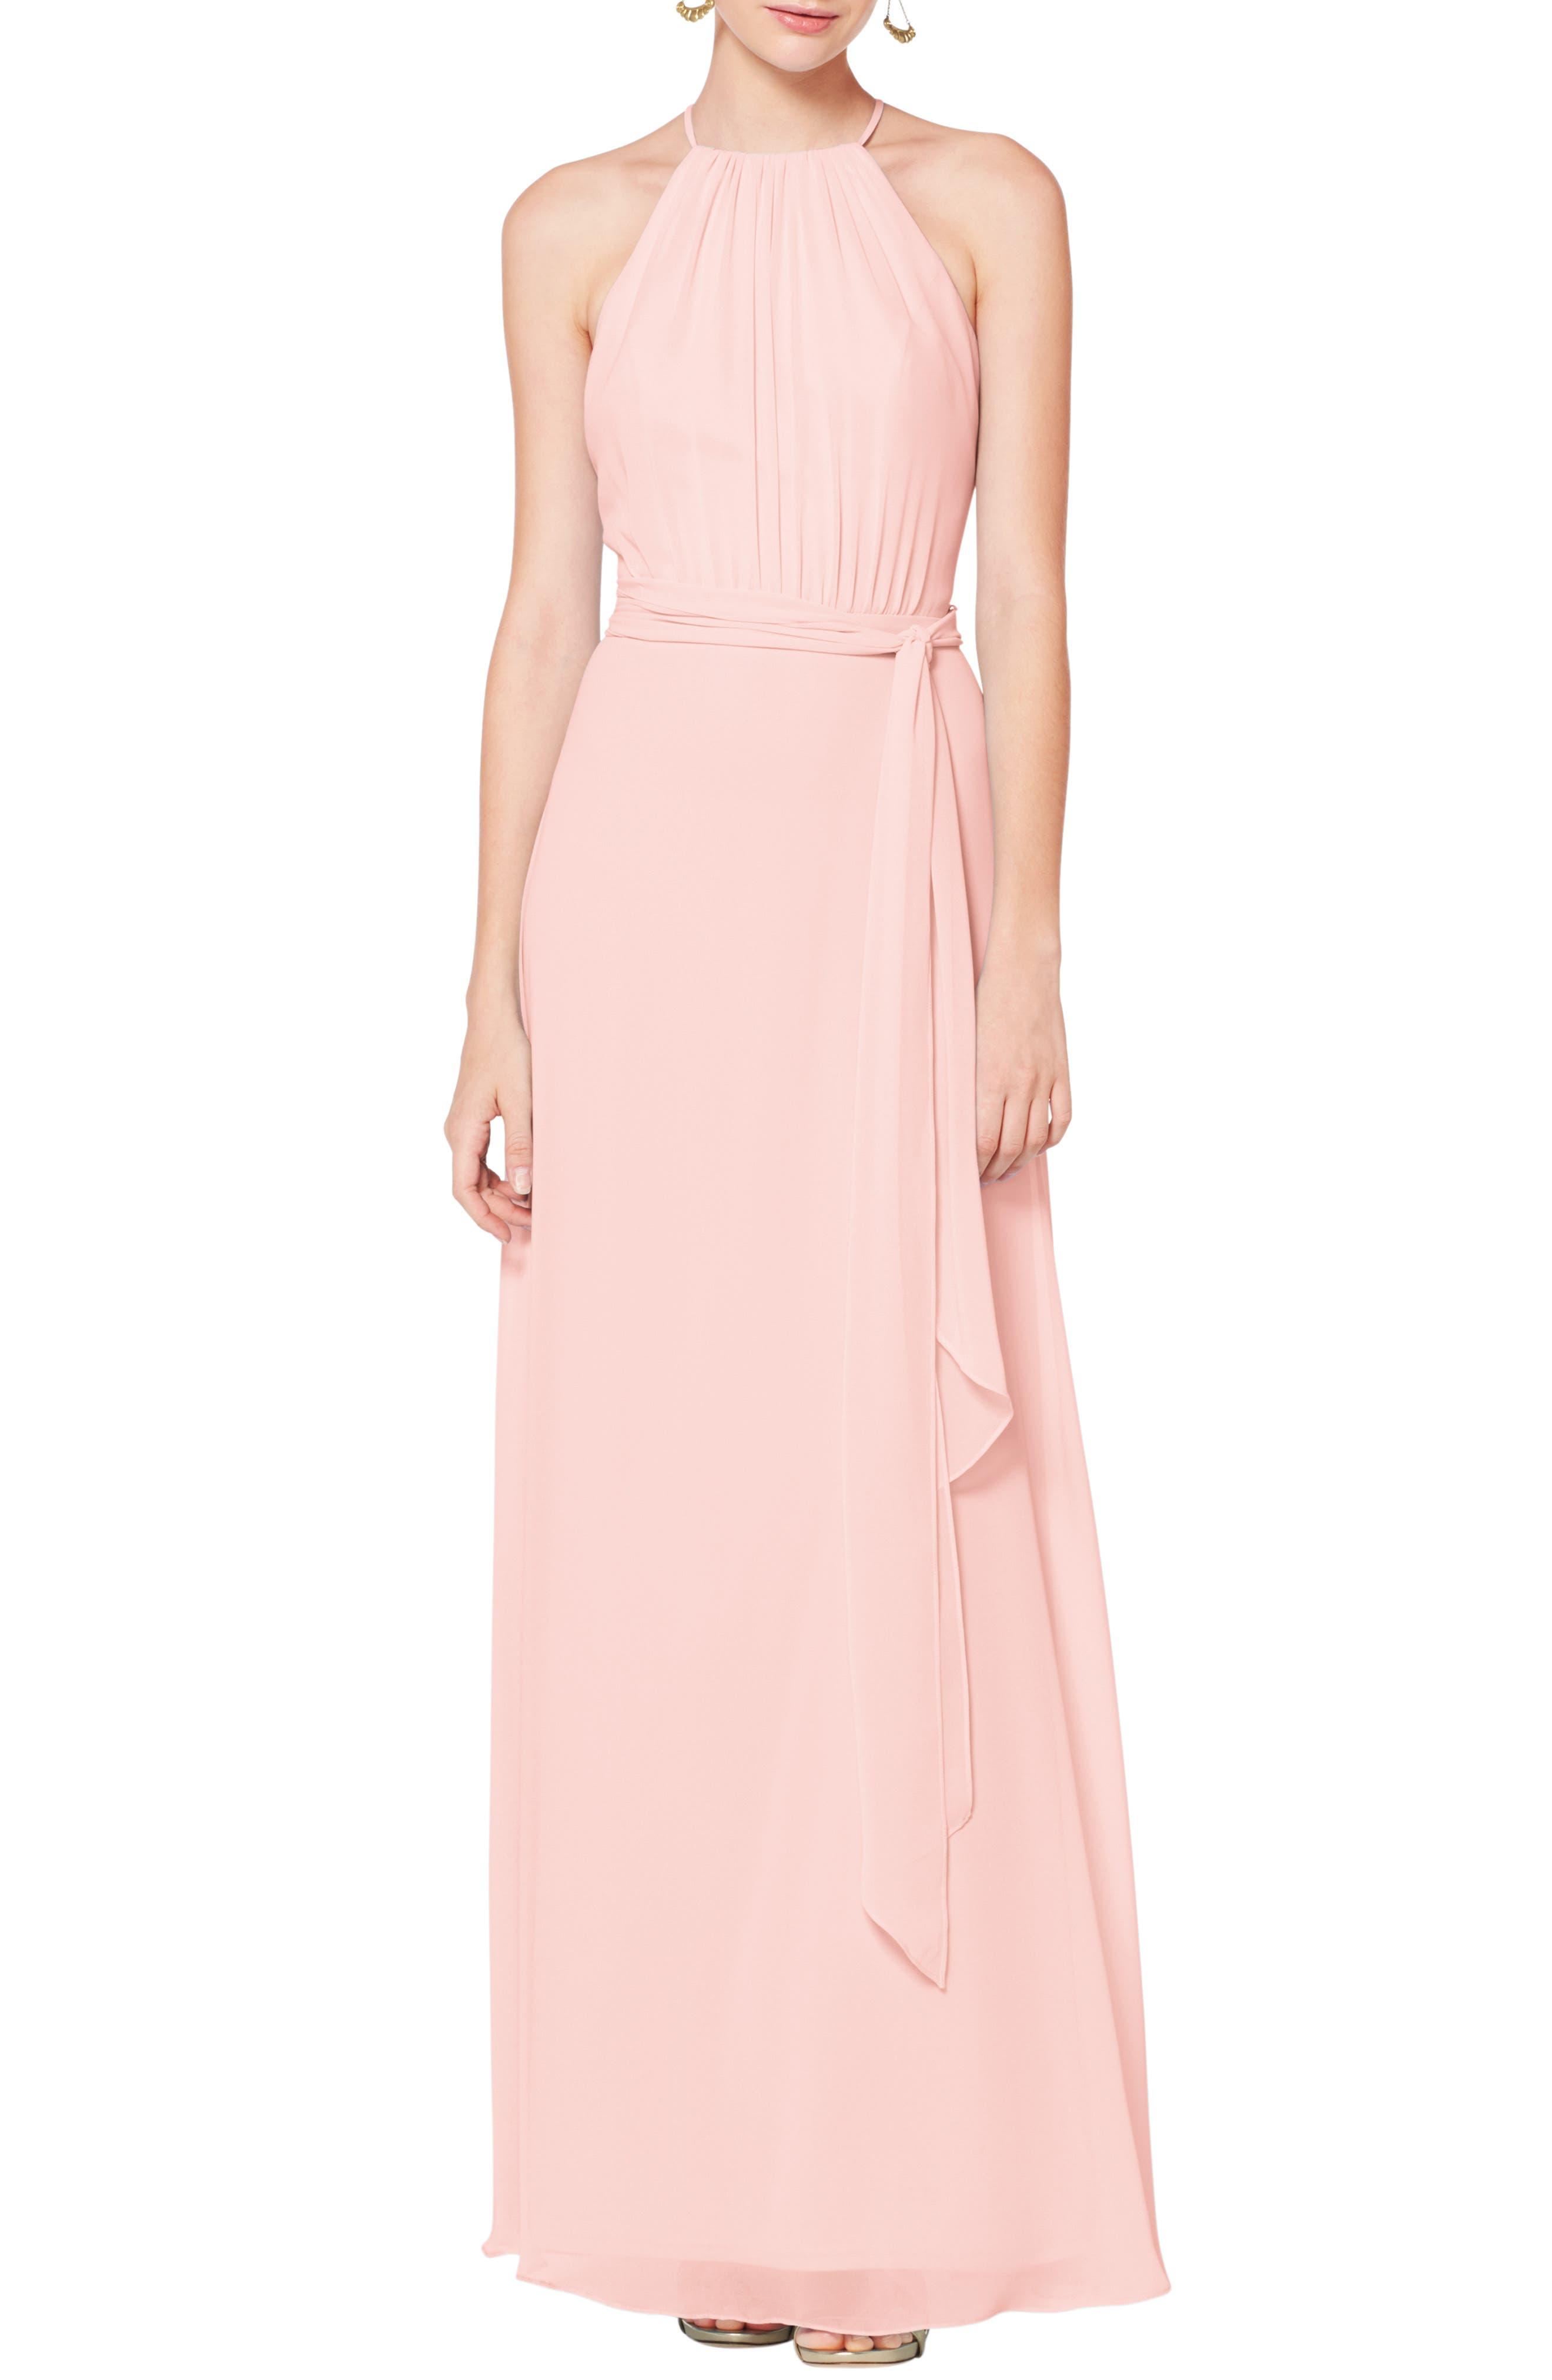 #levkoff Halter Neck Tie Detail Chiffon Gown, Pink